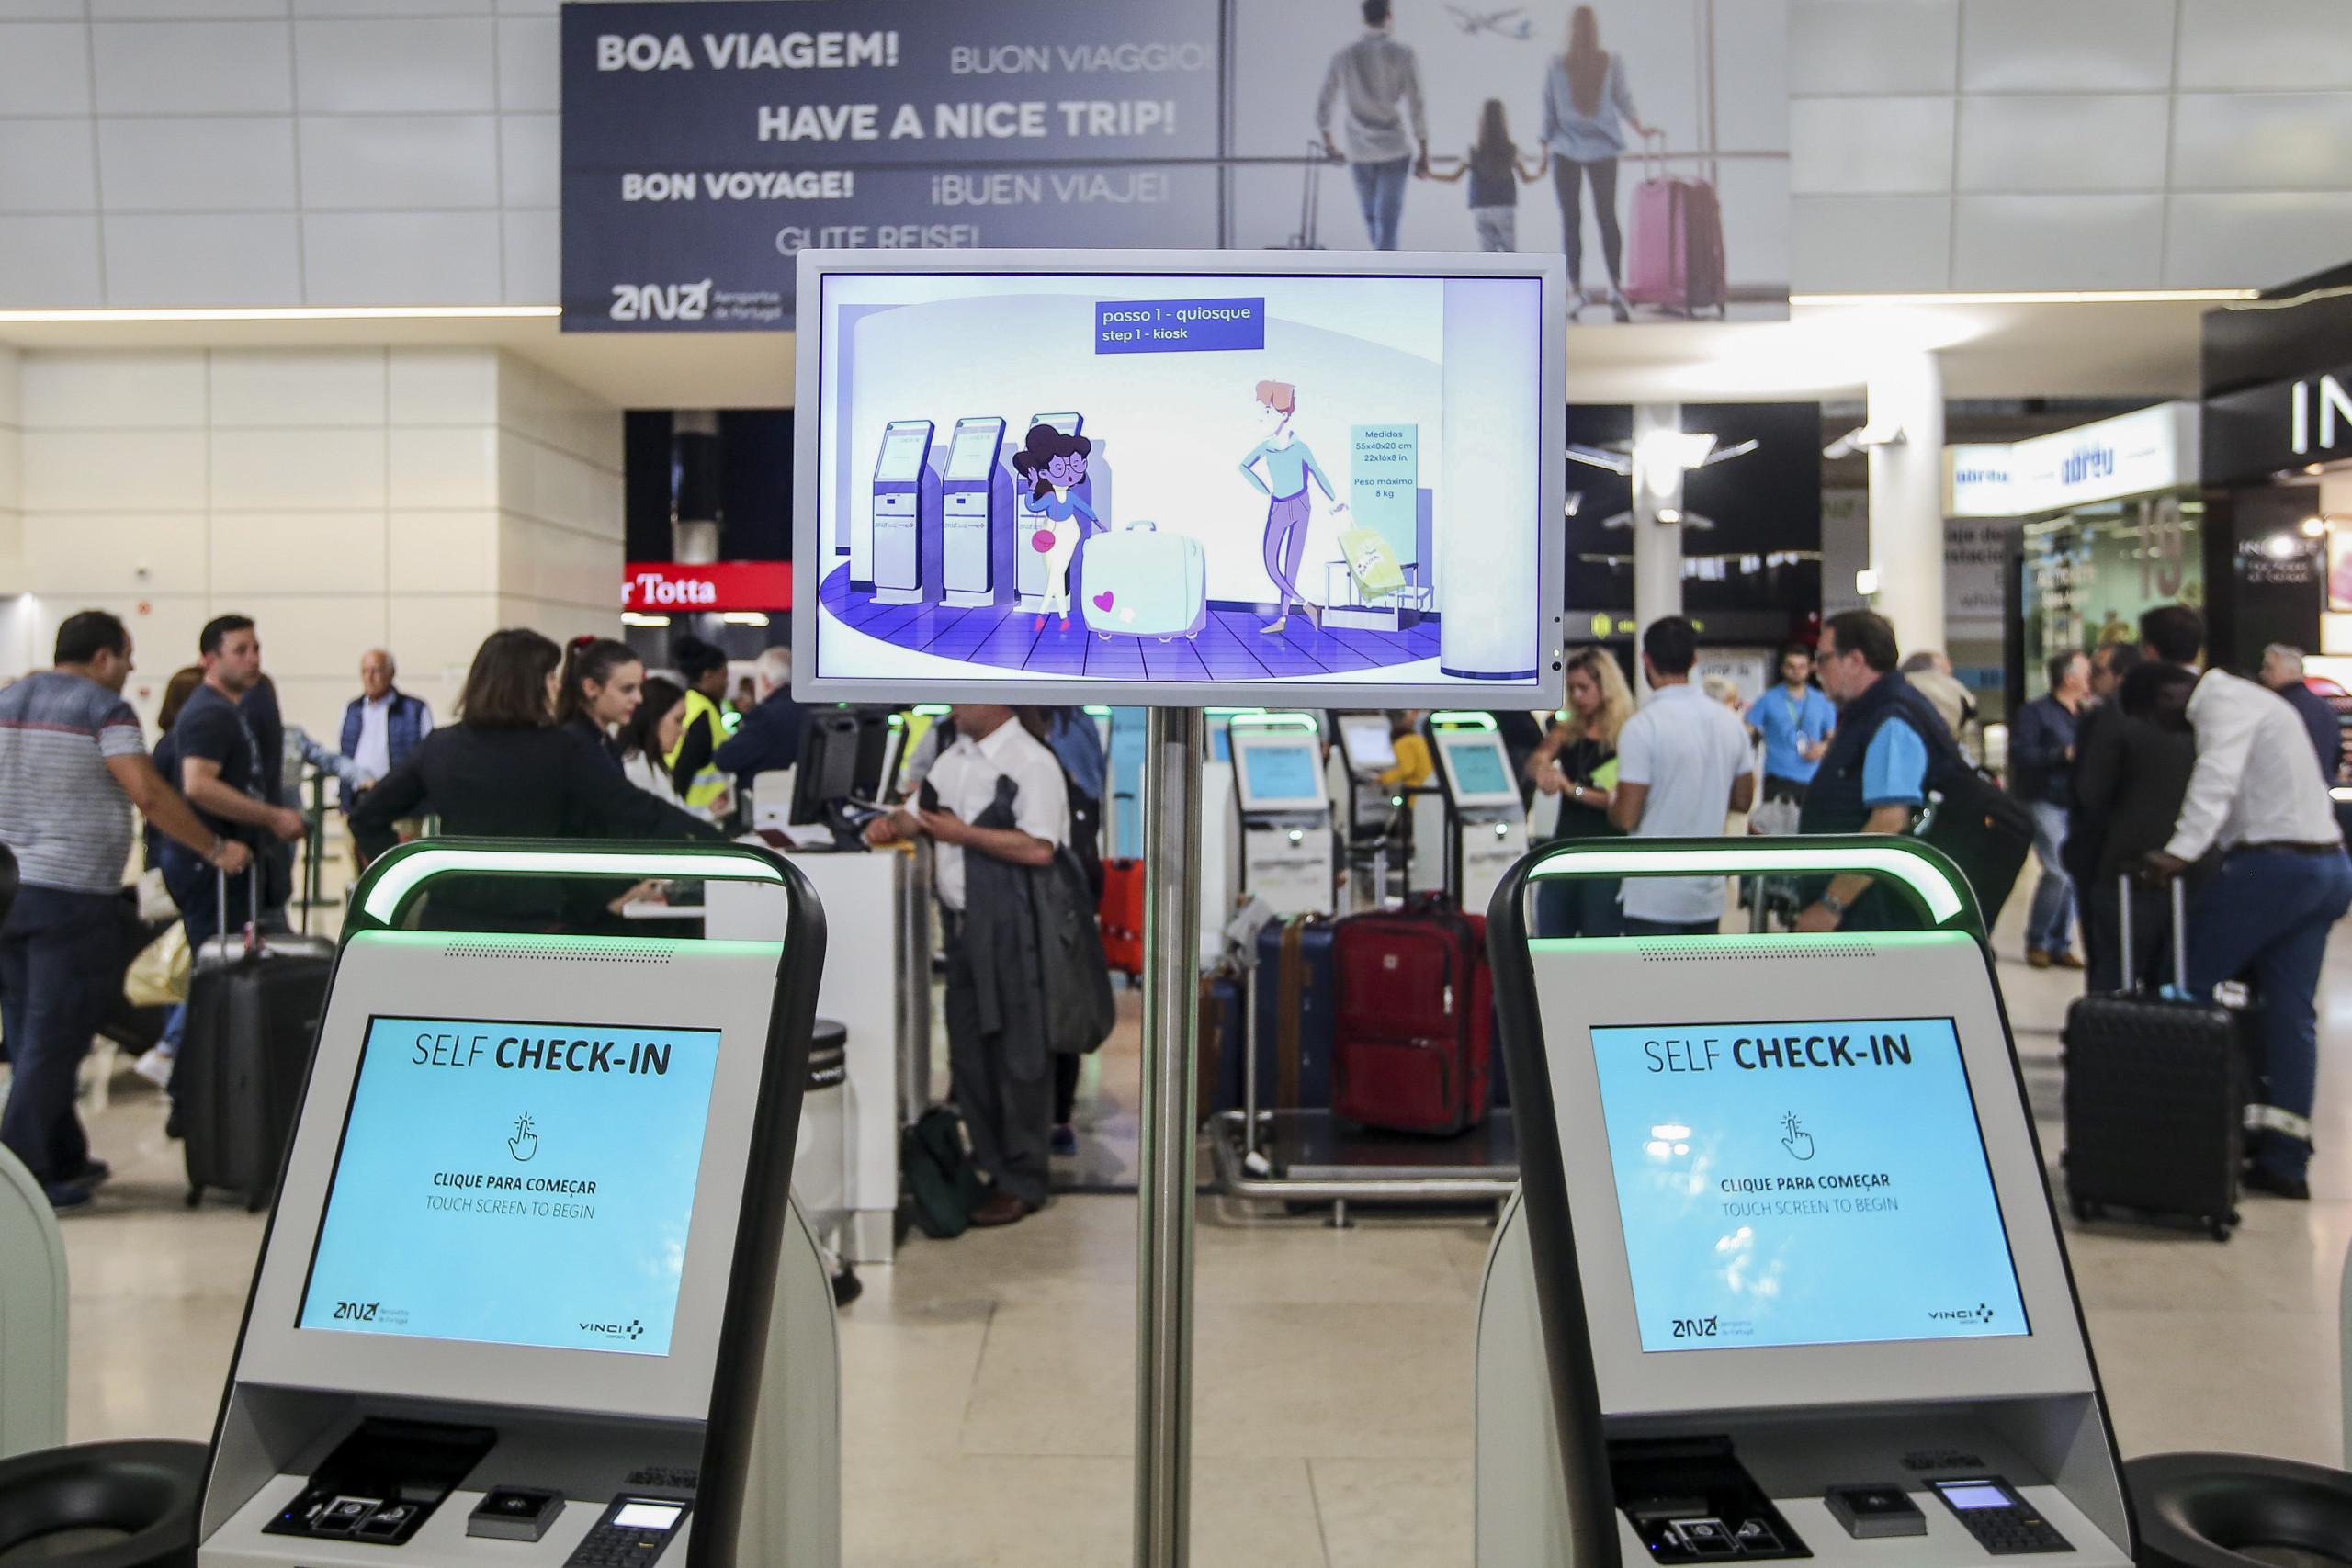 Encerramento do espaço aéreo atrasou 11 voos em Lisboa e fez divergir 5